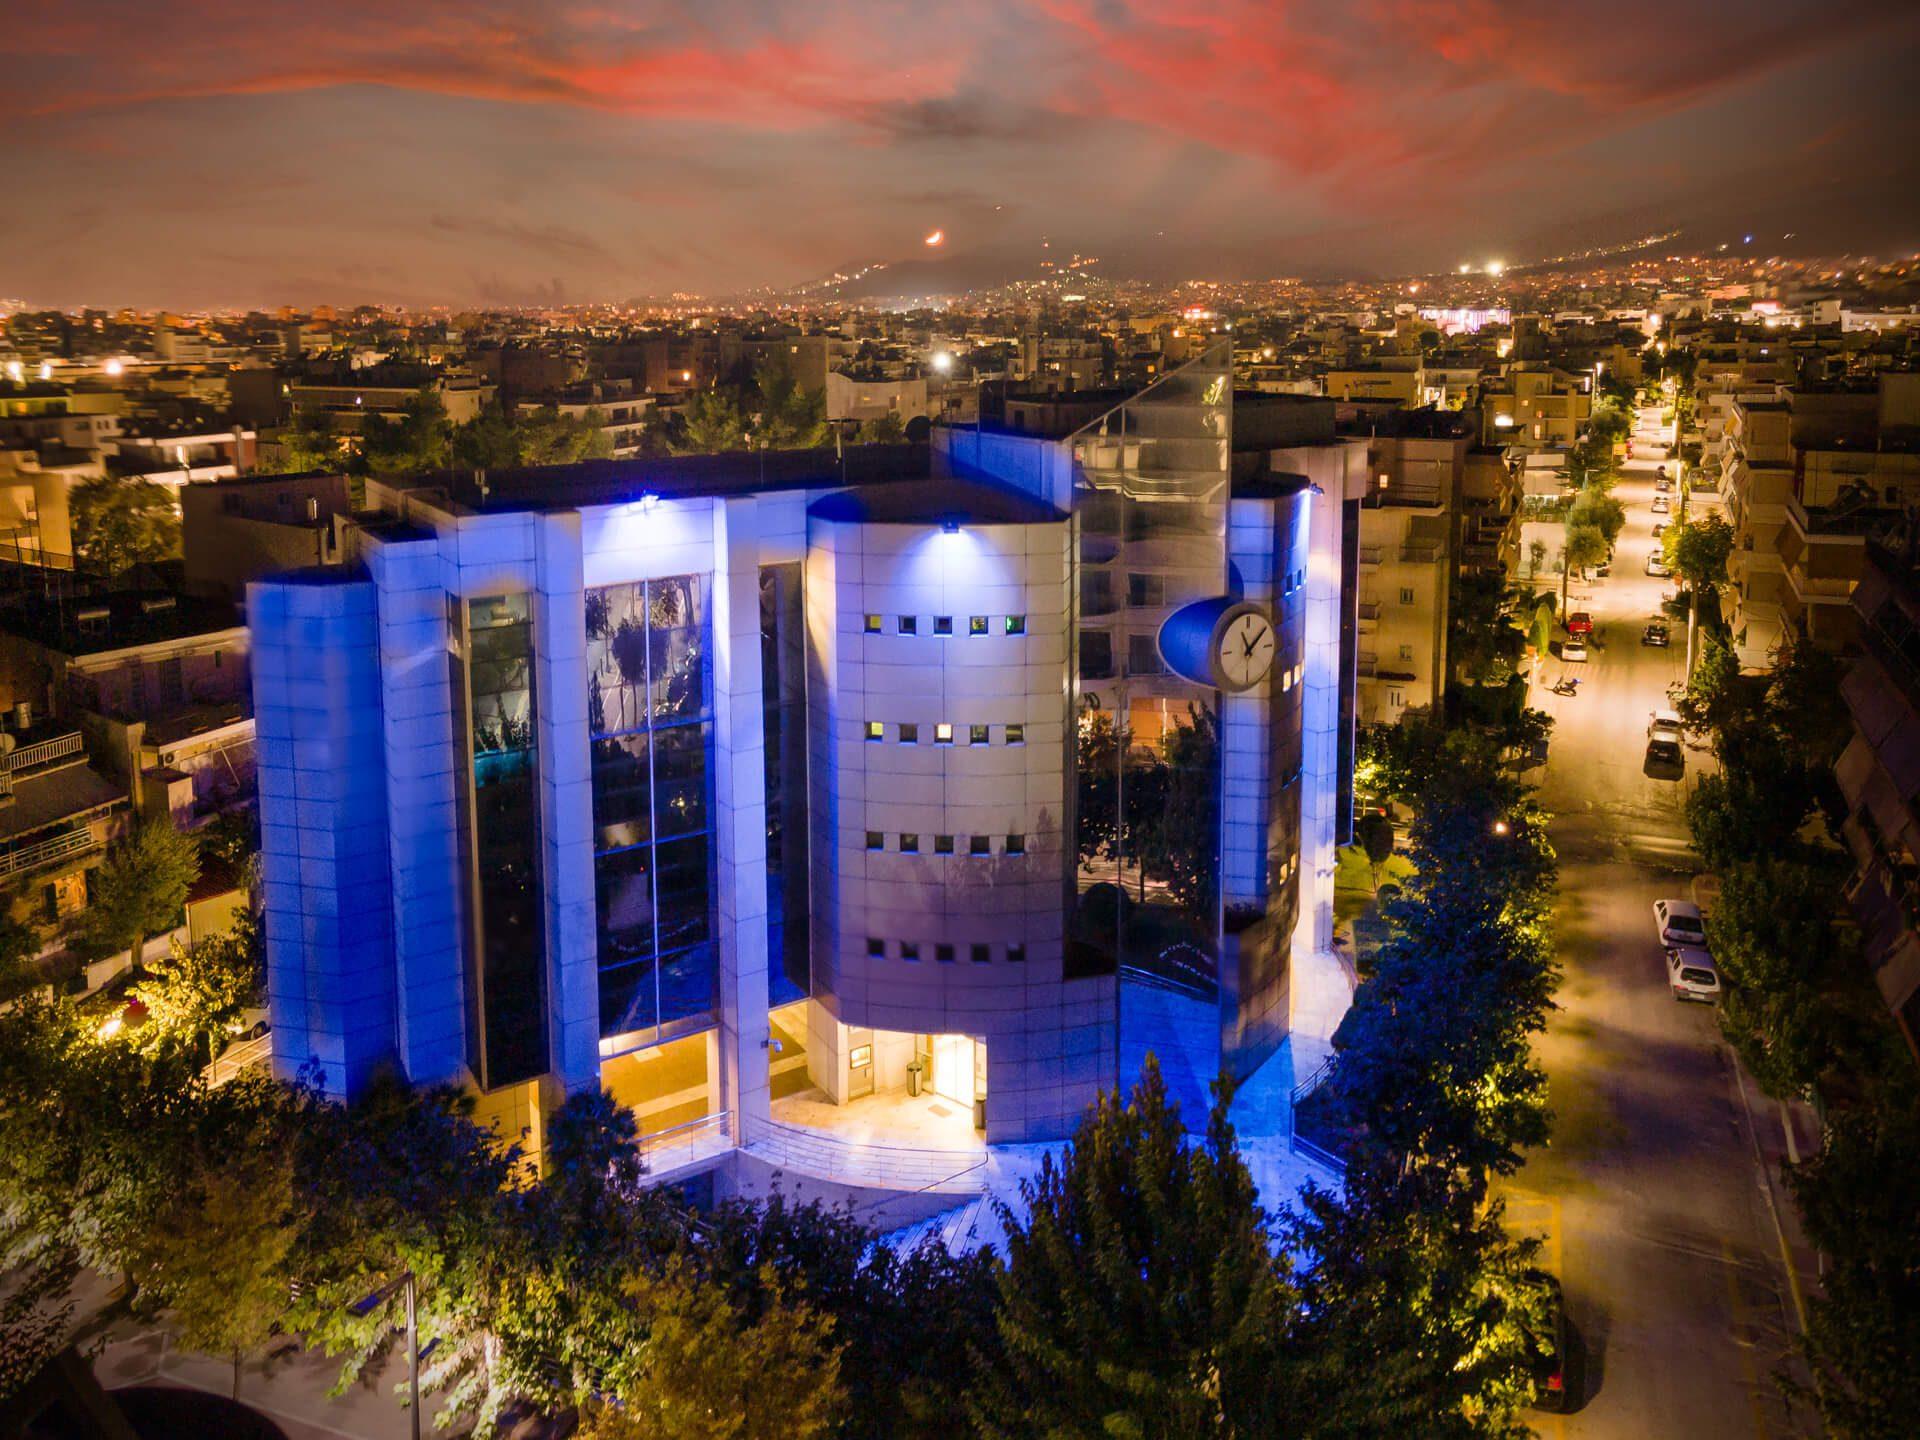 Το Δημαρχείο Ιλίου φωτίστηκε με το Μπλε των Ηνωμένων Εθνών